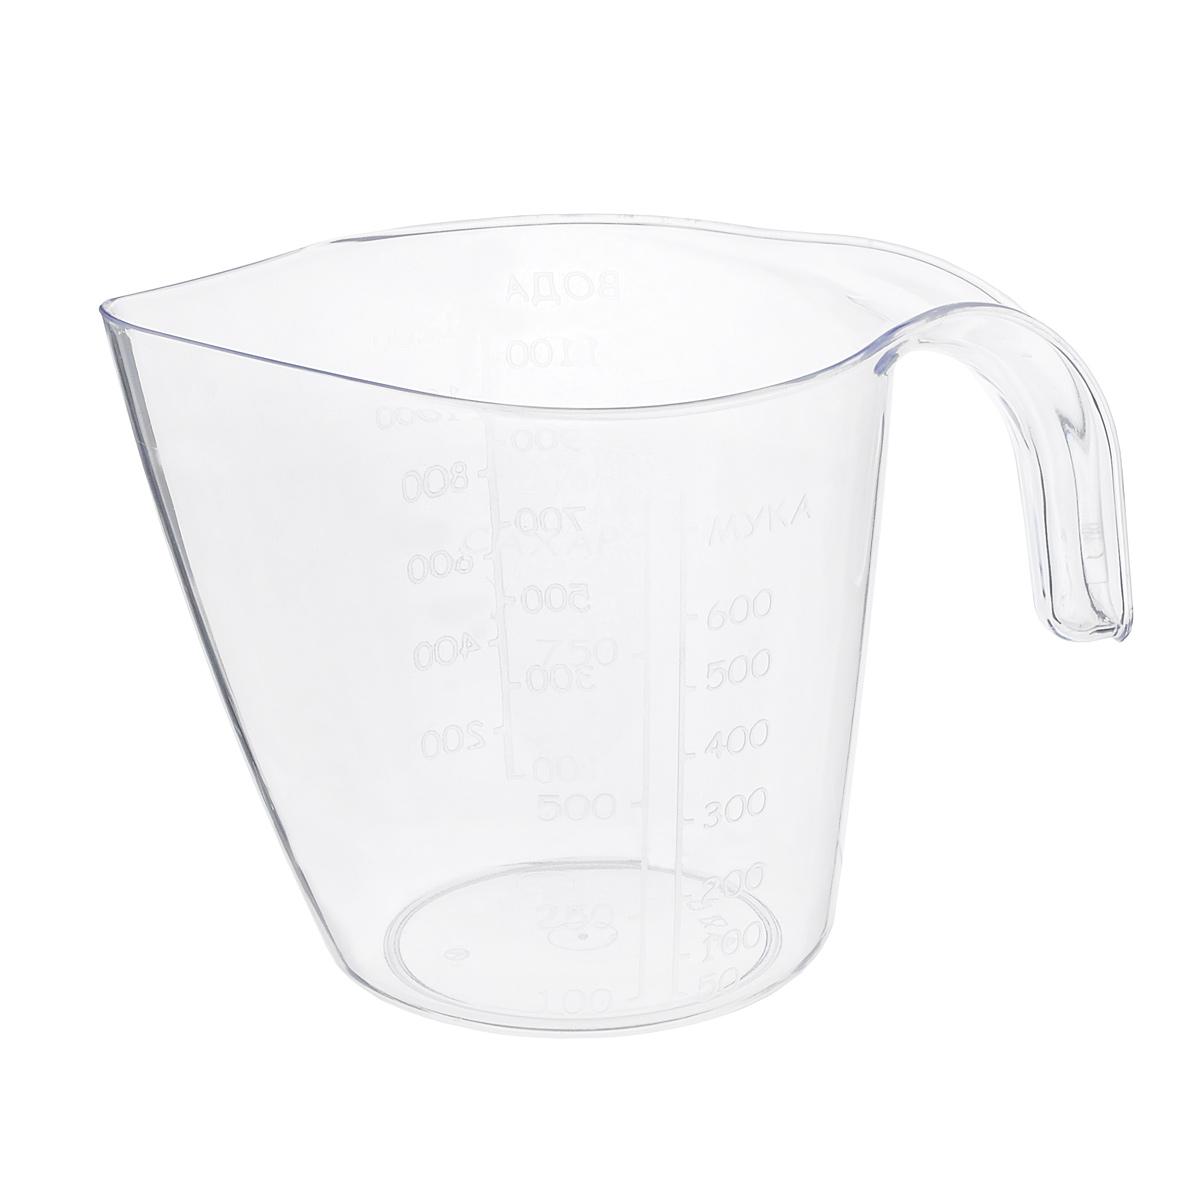 Кружка мерная Альтернатива, 1 лМ323Мерная кружка Альтернатива, выполненная из прозрачного пластика, поможет дозировать любые продукты и вещества. Устойчива к механическим повреждениям и агрессивным средам. На стенке кружки имеются отдельные мерные шкалы для муки, воды и сахара. Объем: 1 л.